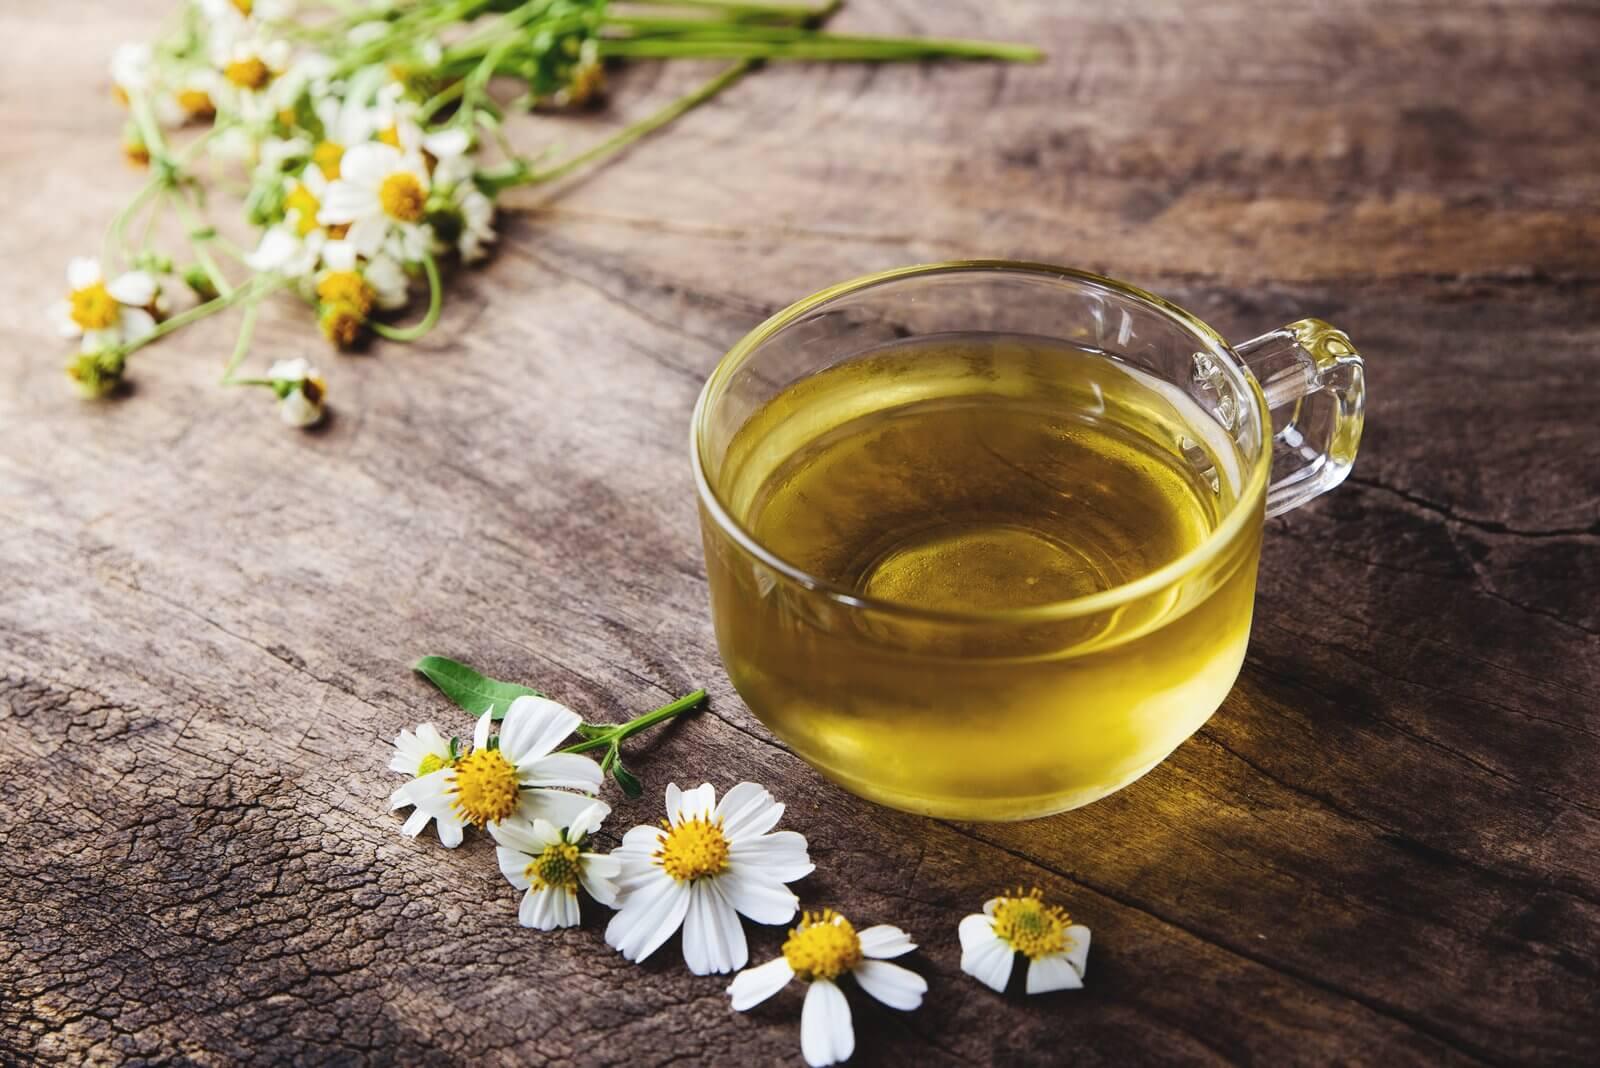 कैमोमाइल चाय आपके घट्टों के सबसे बड़े दुश्मनों में से एक होती है